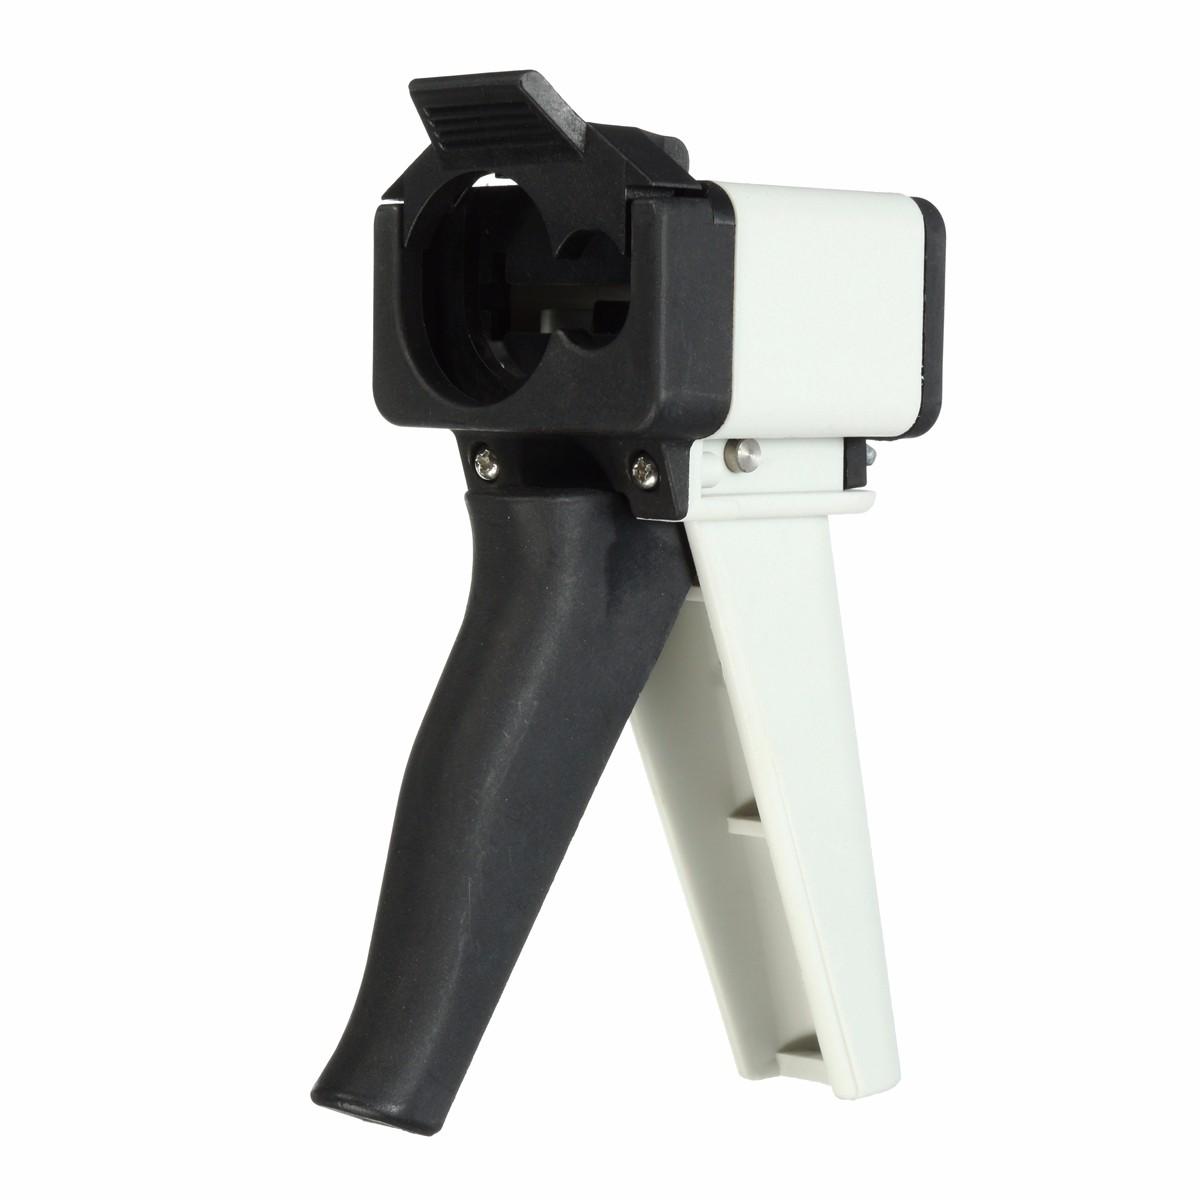 Dispenser Gun Impression Mixing Dispensing Gun 10:1 Impression Mixing Dispenser Dental Tools